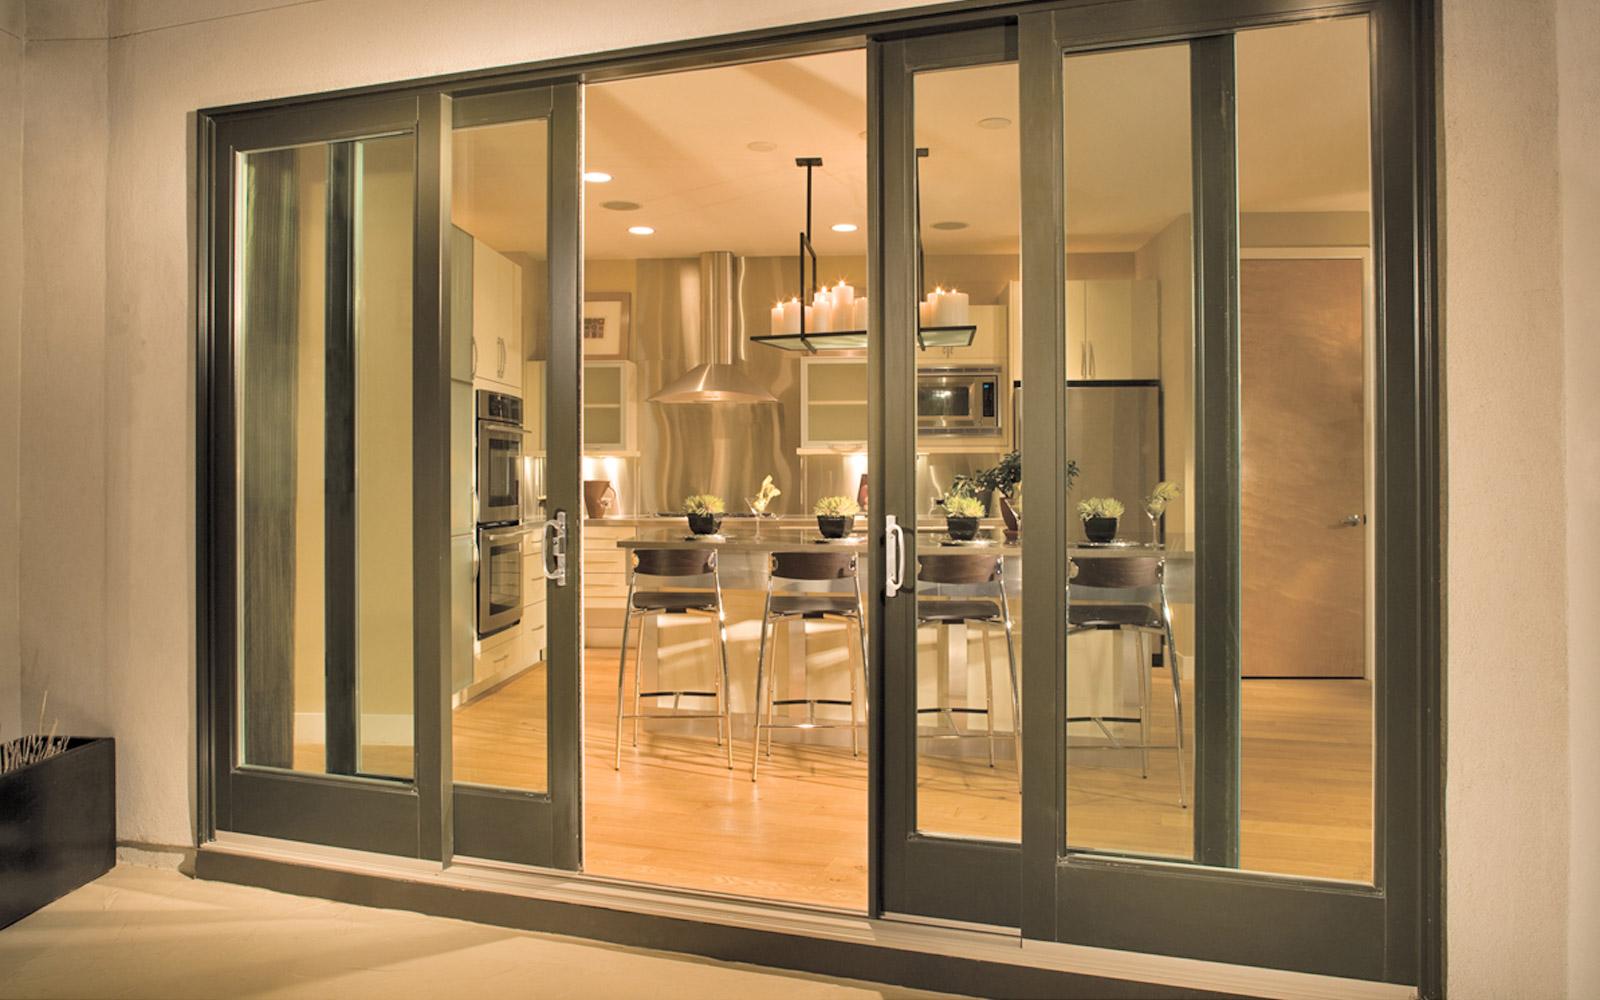 gallery--1600x1000--sliding--doors-open.jpg